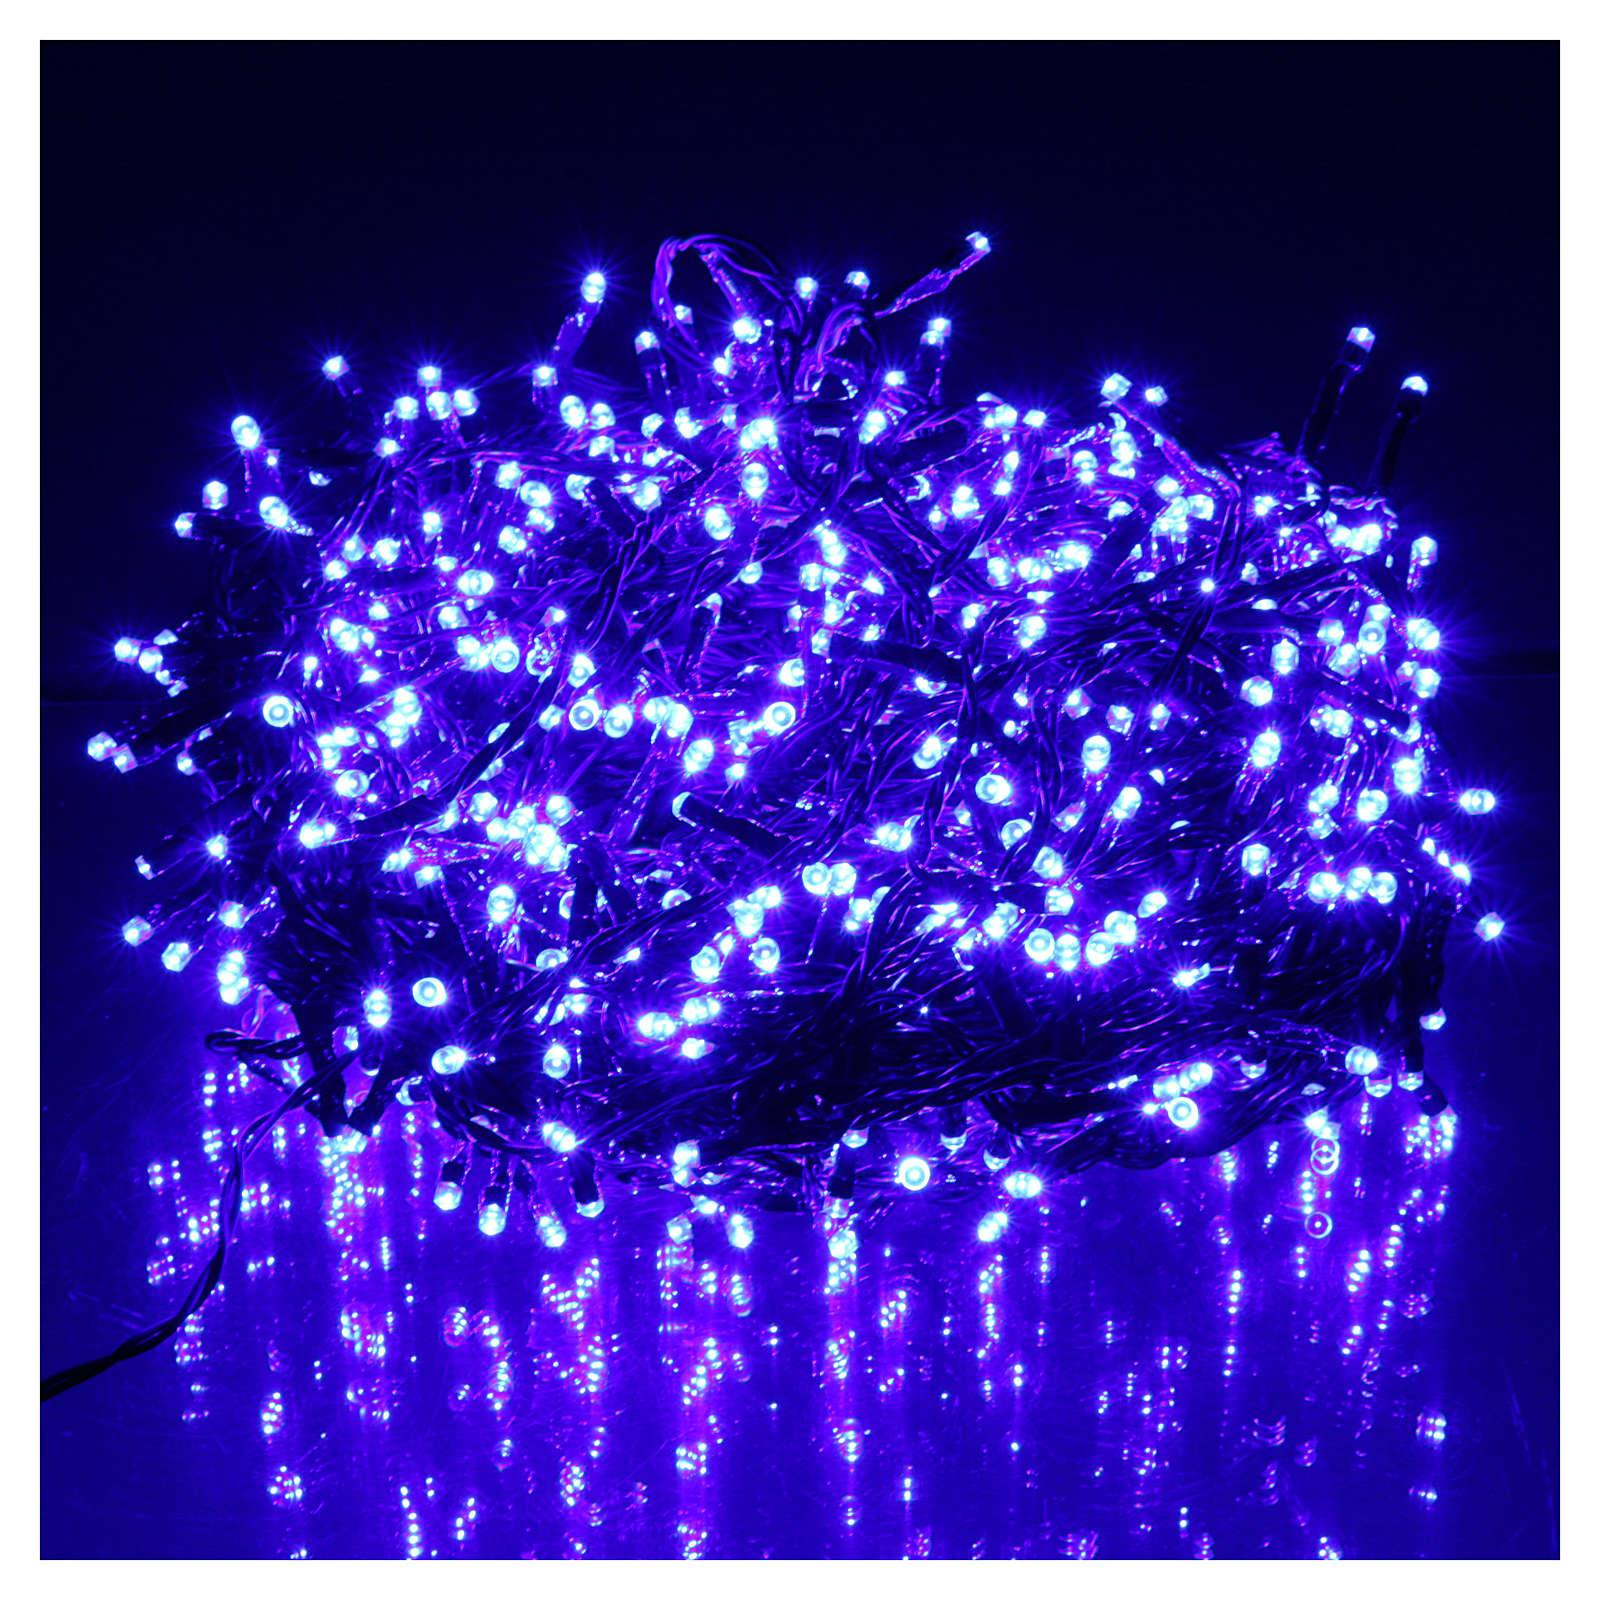 e8ab20587a2 Luces de Navidad 750 LED azul programable EXTERIOR INTERIOR corriente 3